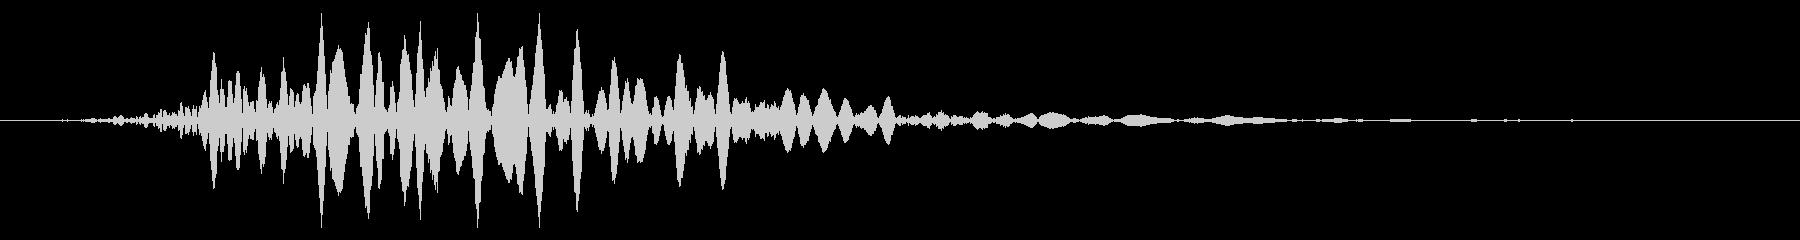 ワーム モンスター キャラタップ 悲しの未再生の波形